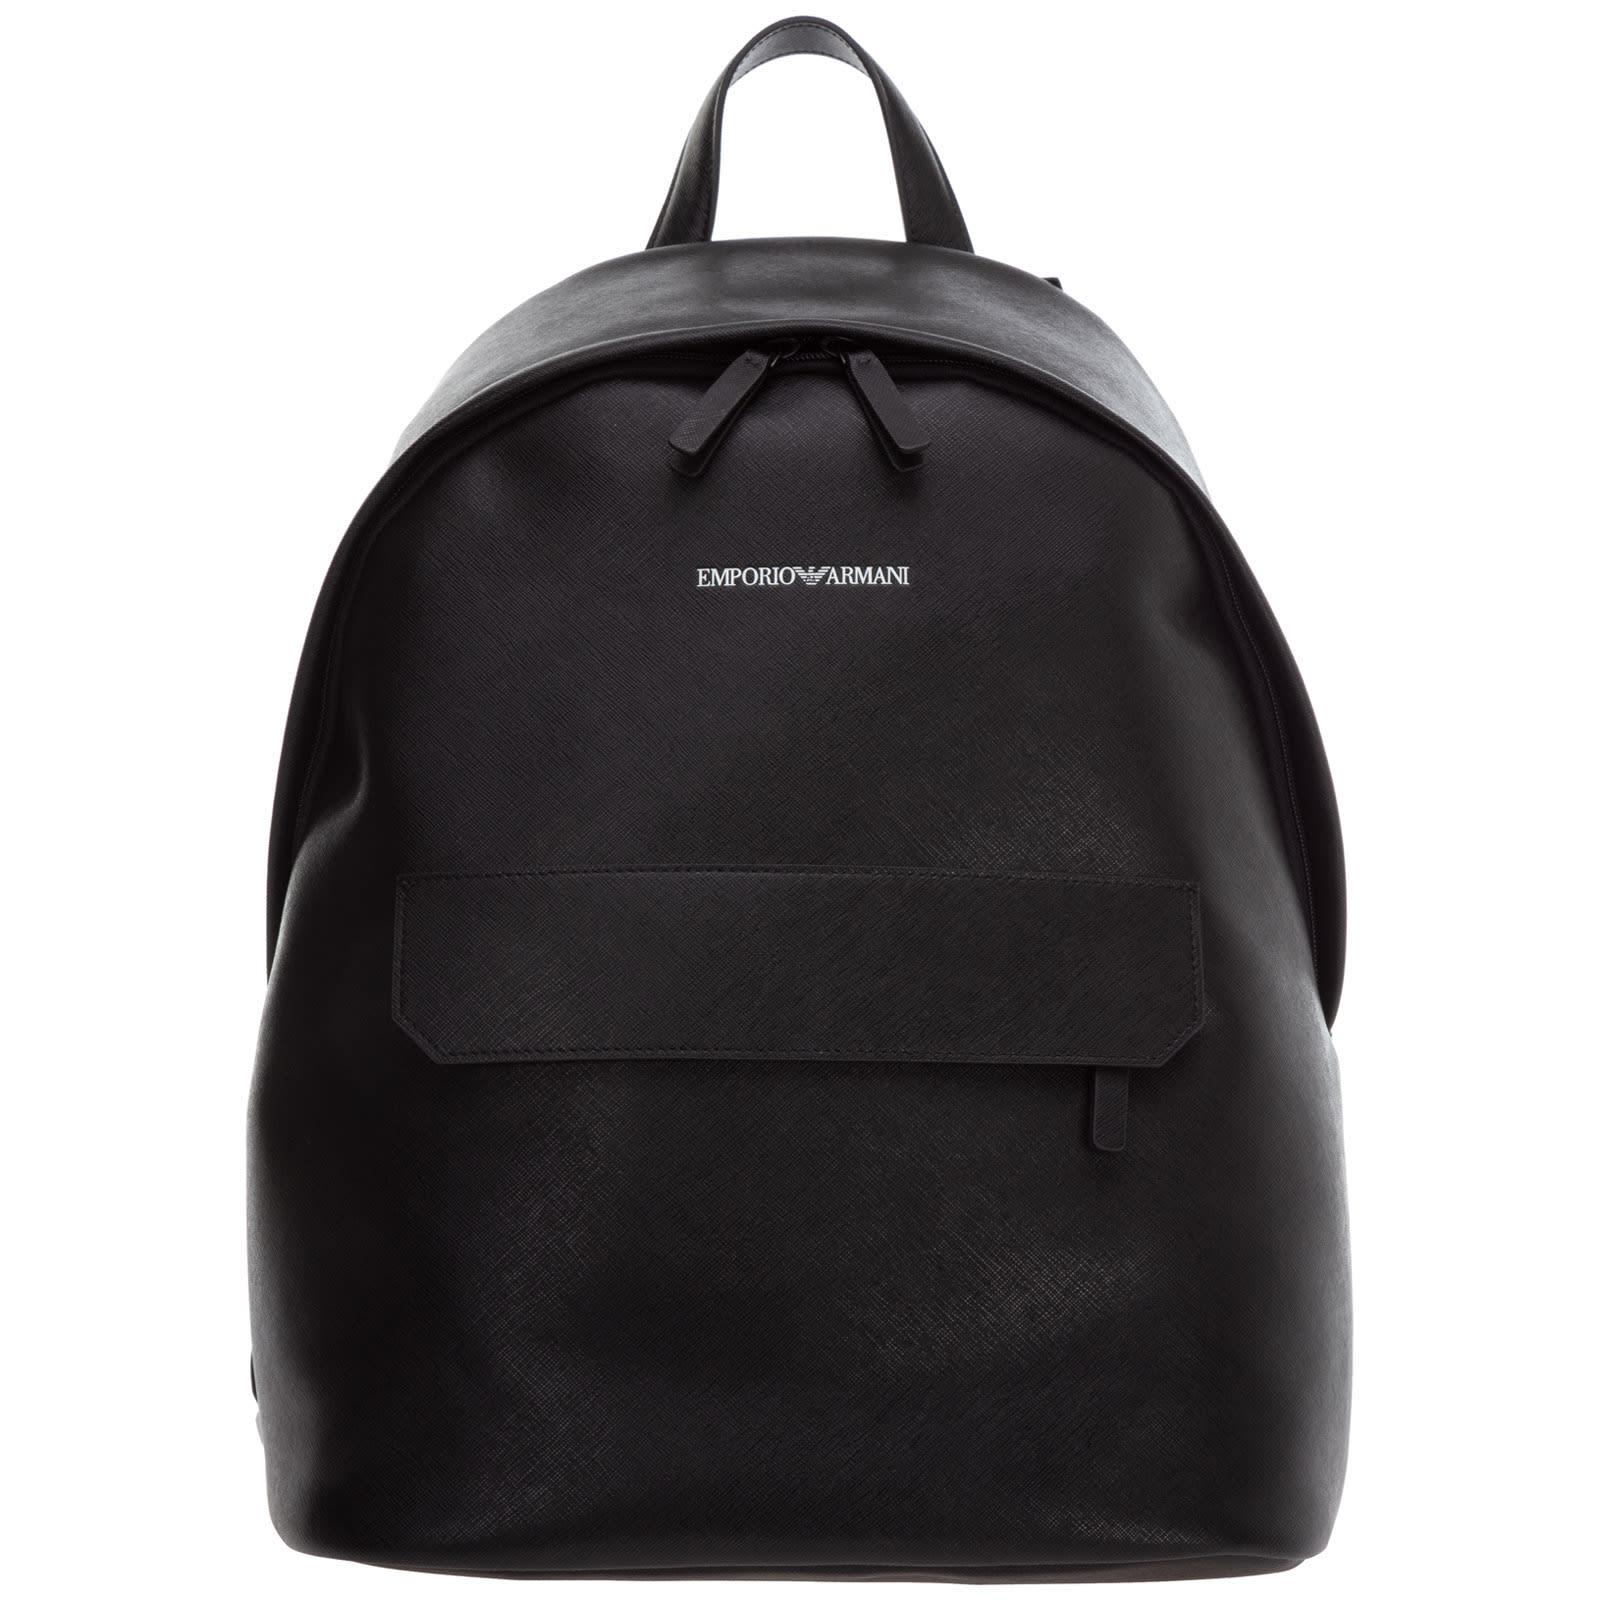 Emporio Armani Myea Backpack